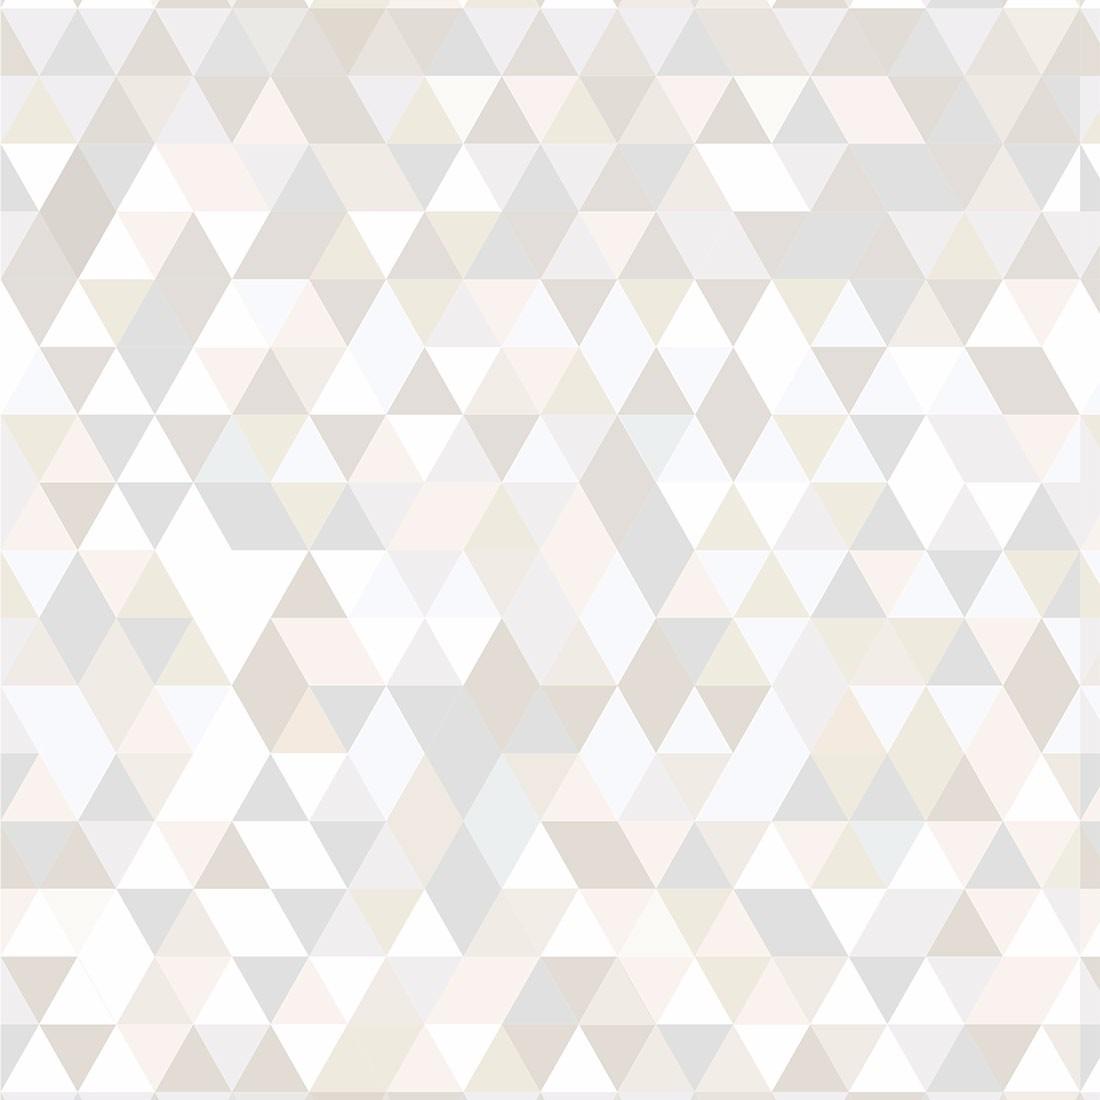 Papel de parede geom trico triangulos tons past is adesivo - Papel plastificado para paredes ...